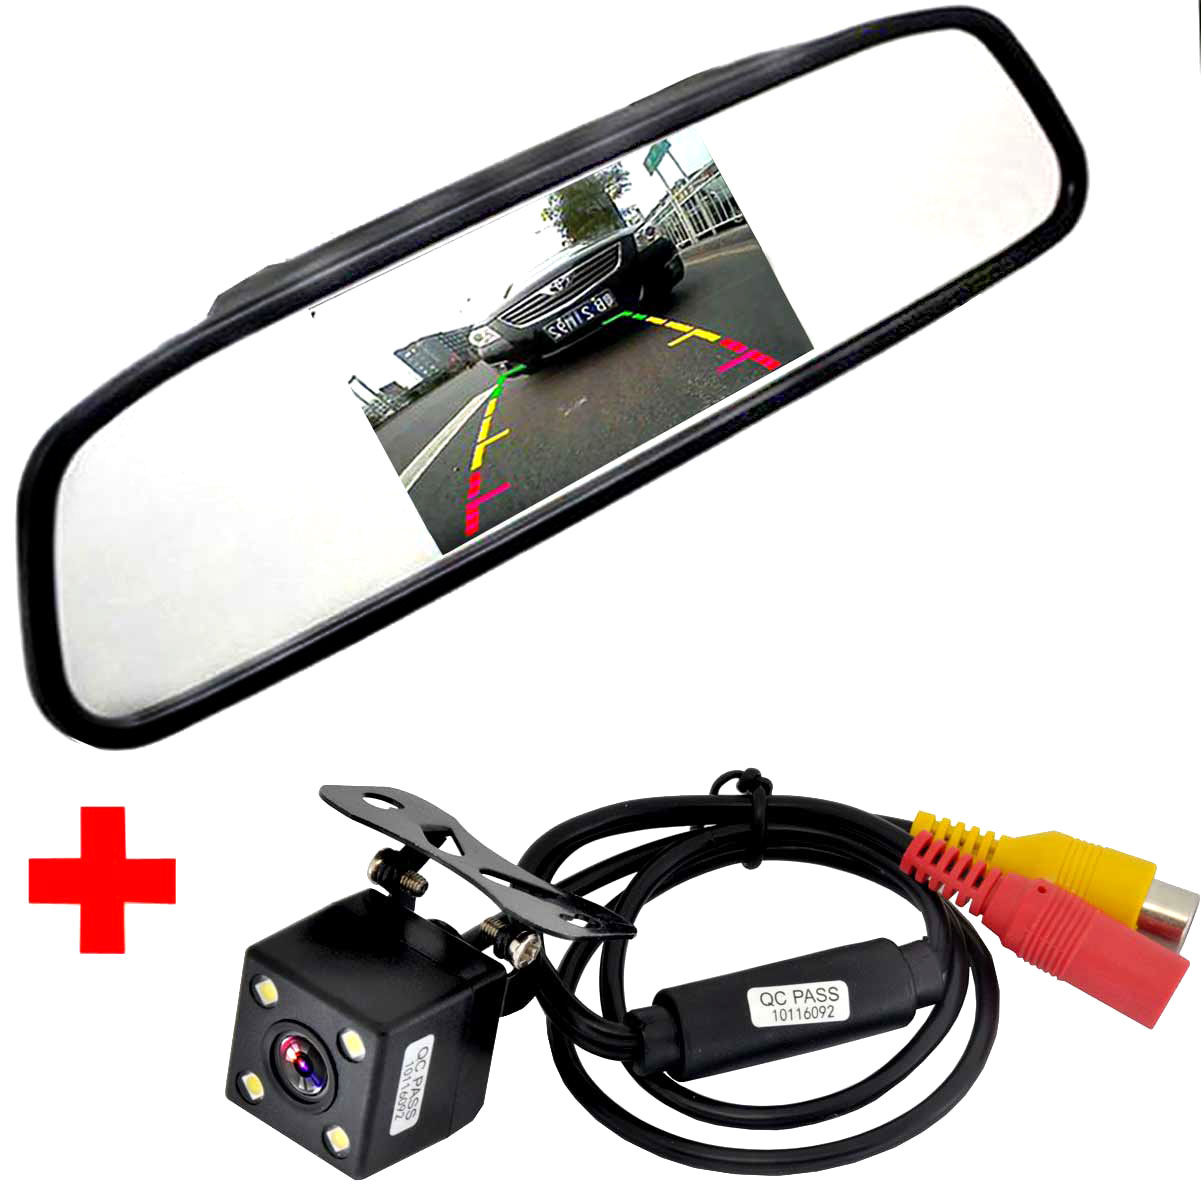 車 HD ビデオオートパーキングモニター、 led ナイトビジョン CCD 車のリアビューカメラと 4.3 インチ車のバックミラーモニター